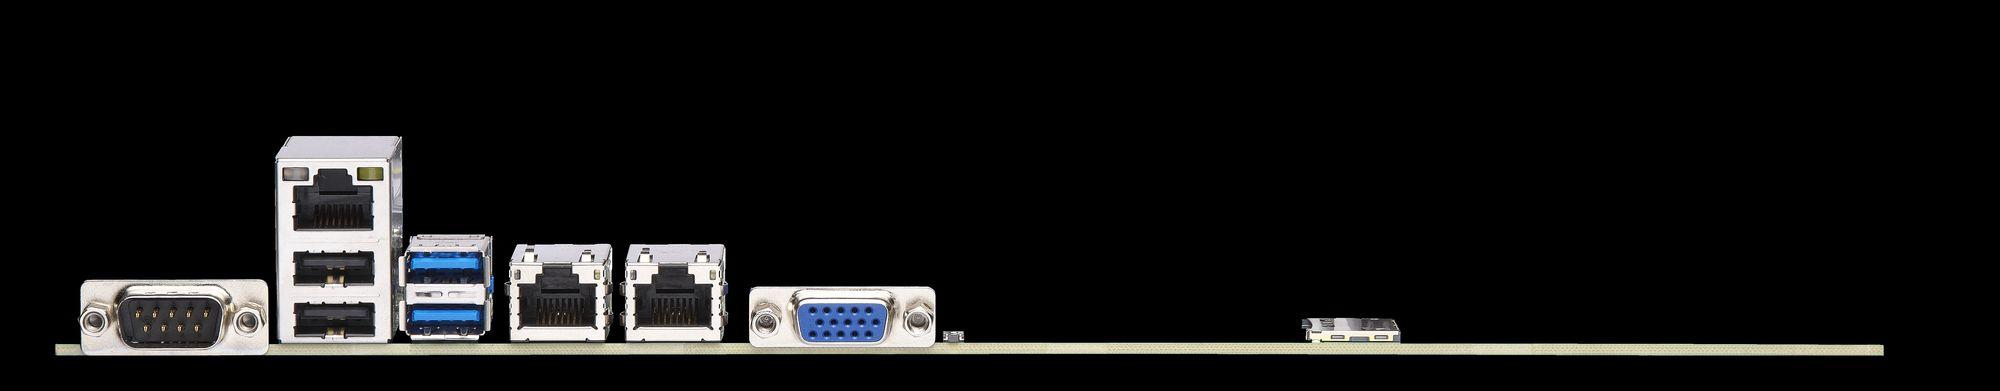 Supermicro SAS18A - Up to 8 x SATA/SAS hot-swap 2 5